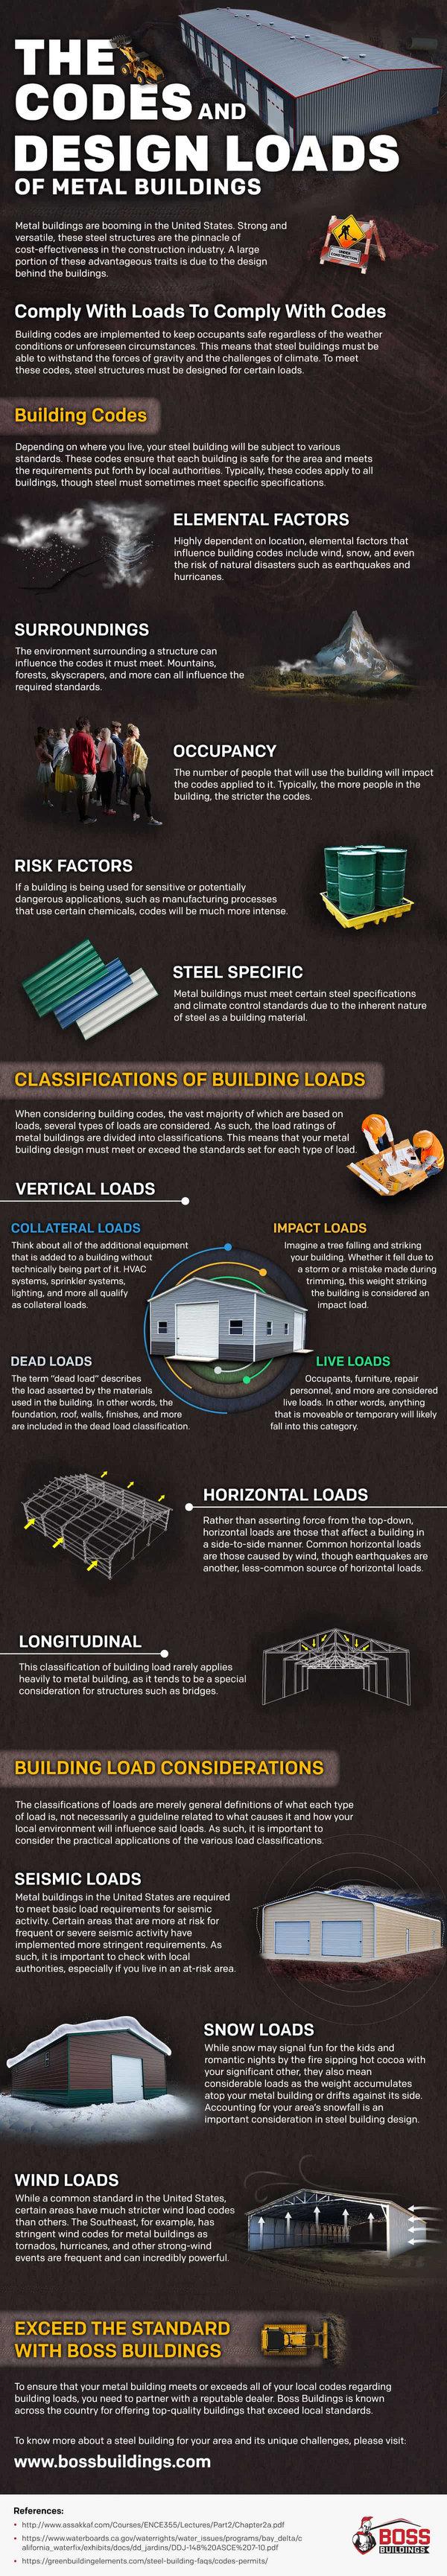 Metal Buildings codes